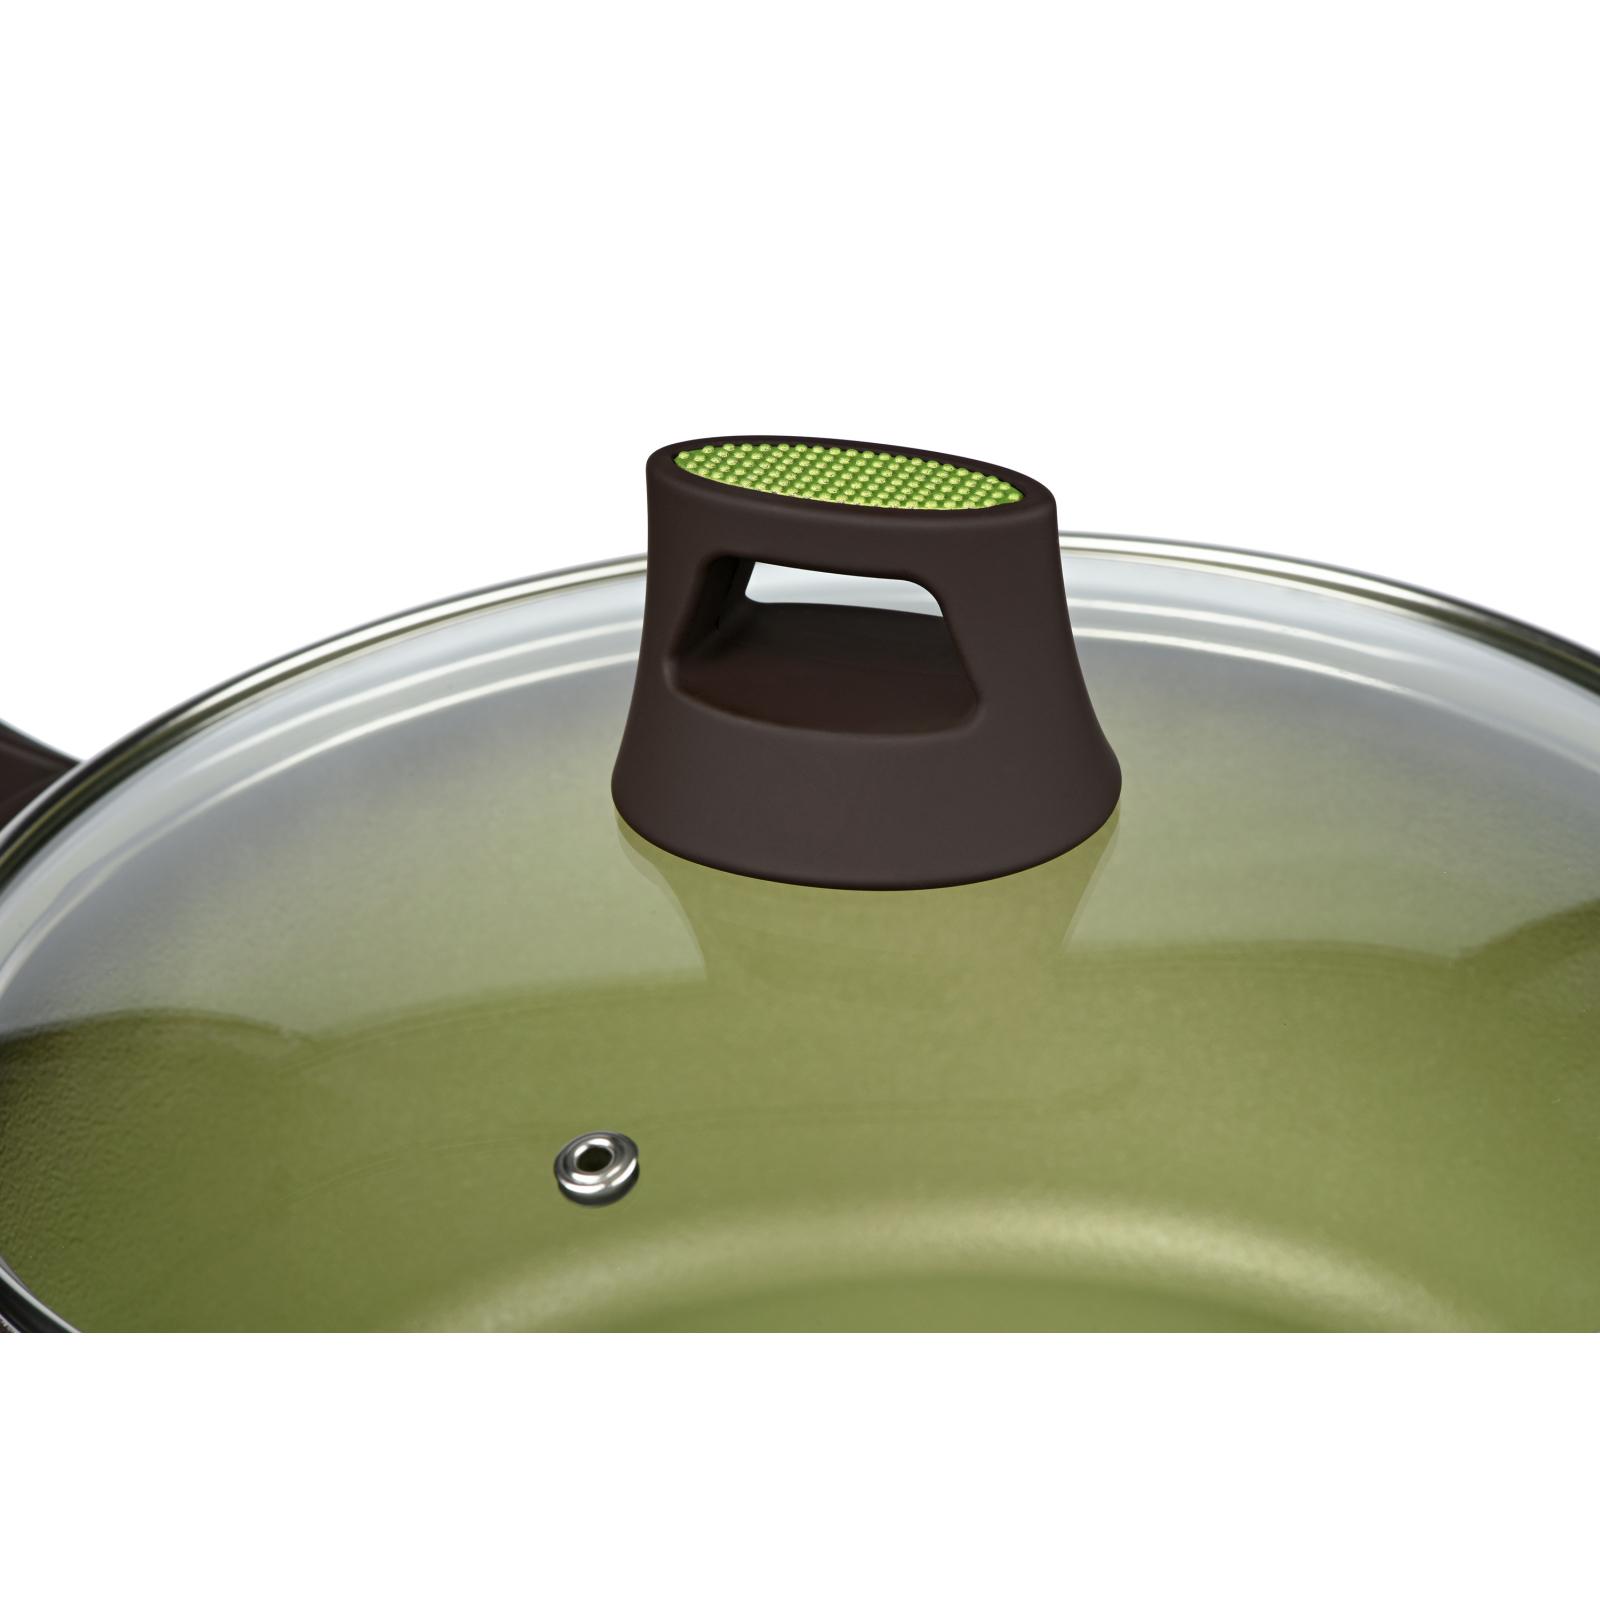 Кастрюля Ardesto Avocado с крышккой 3,5 л (AR2535CA) изображение 5